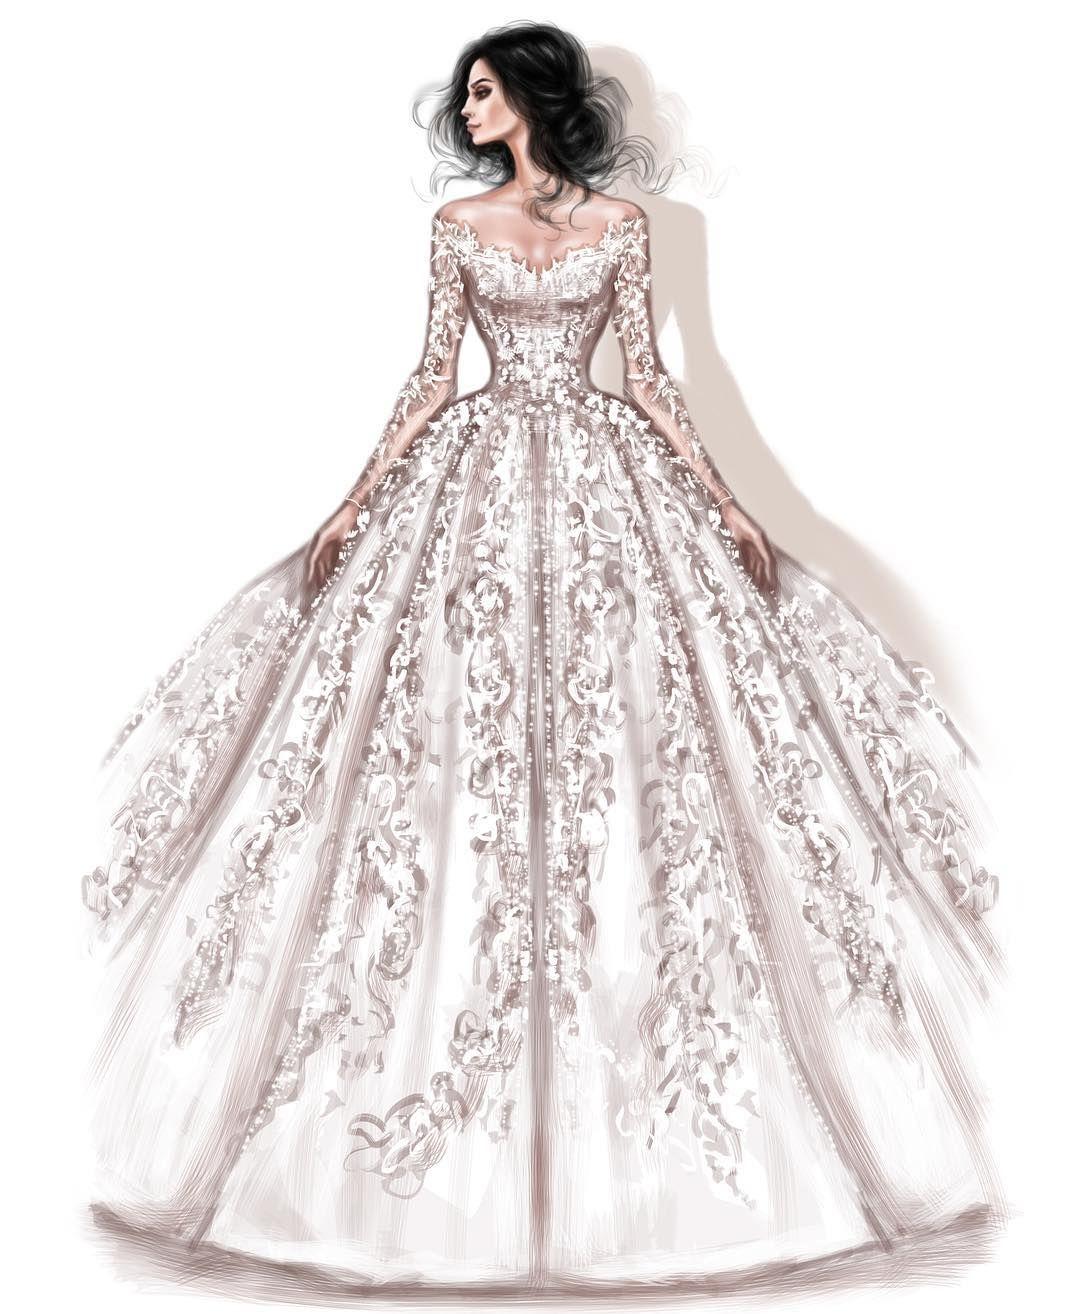 Fashion Illustration Croqui De Moda Desenho De Vestido De Noiva